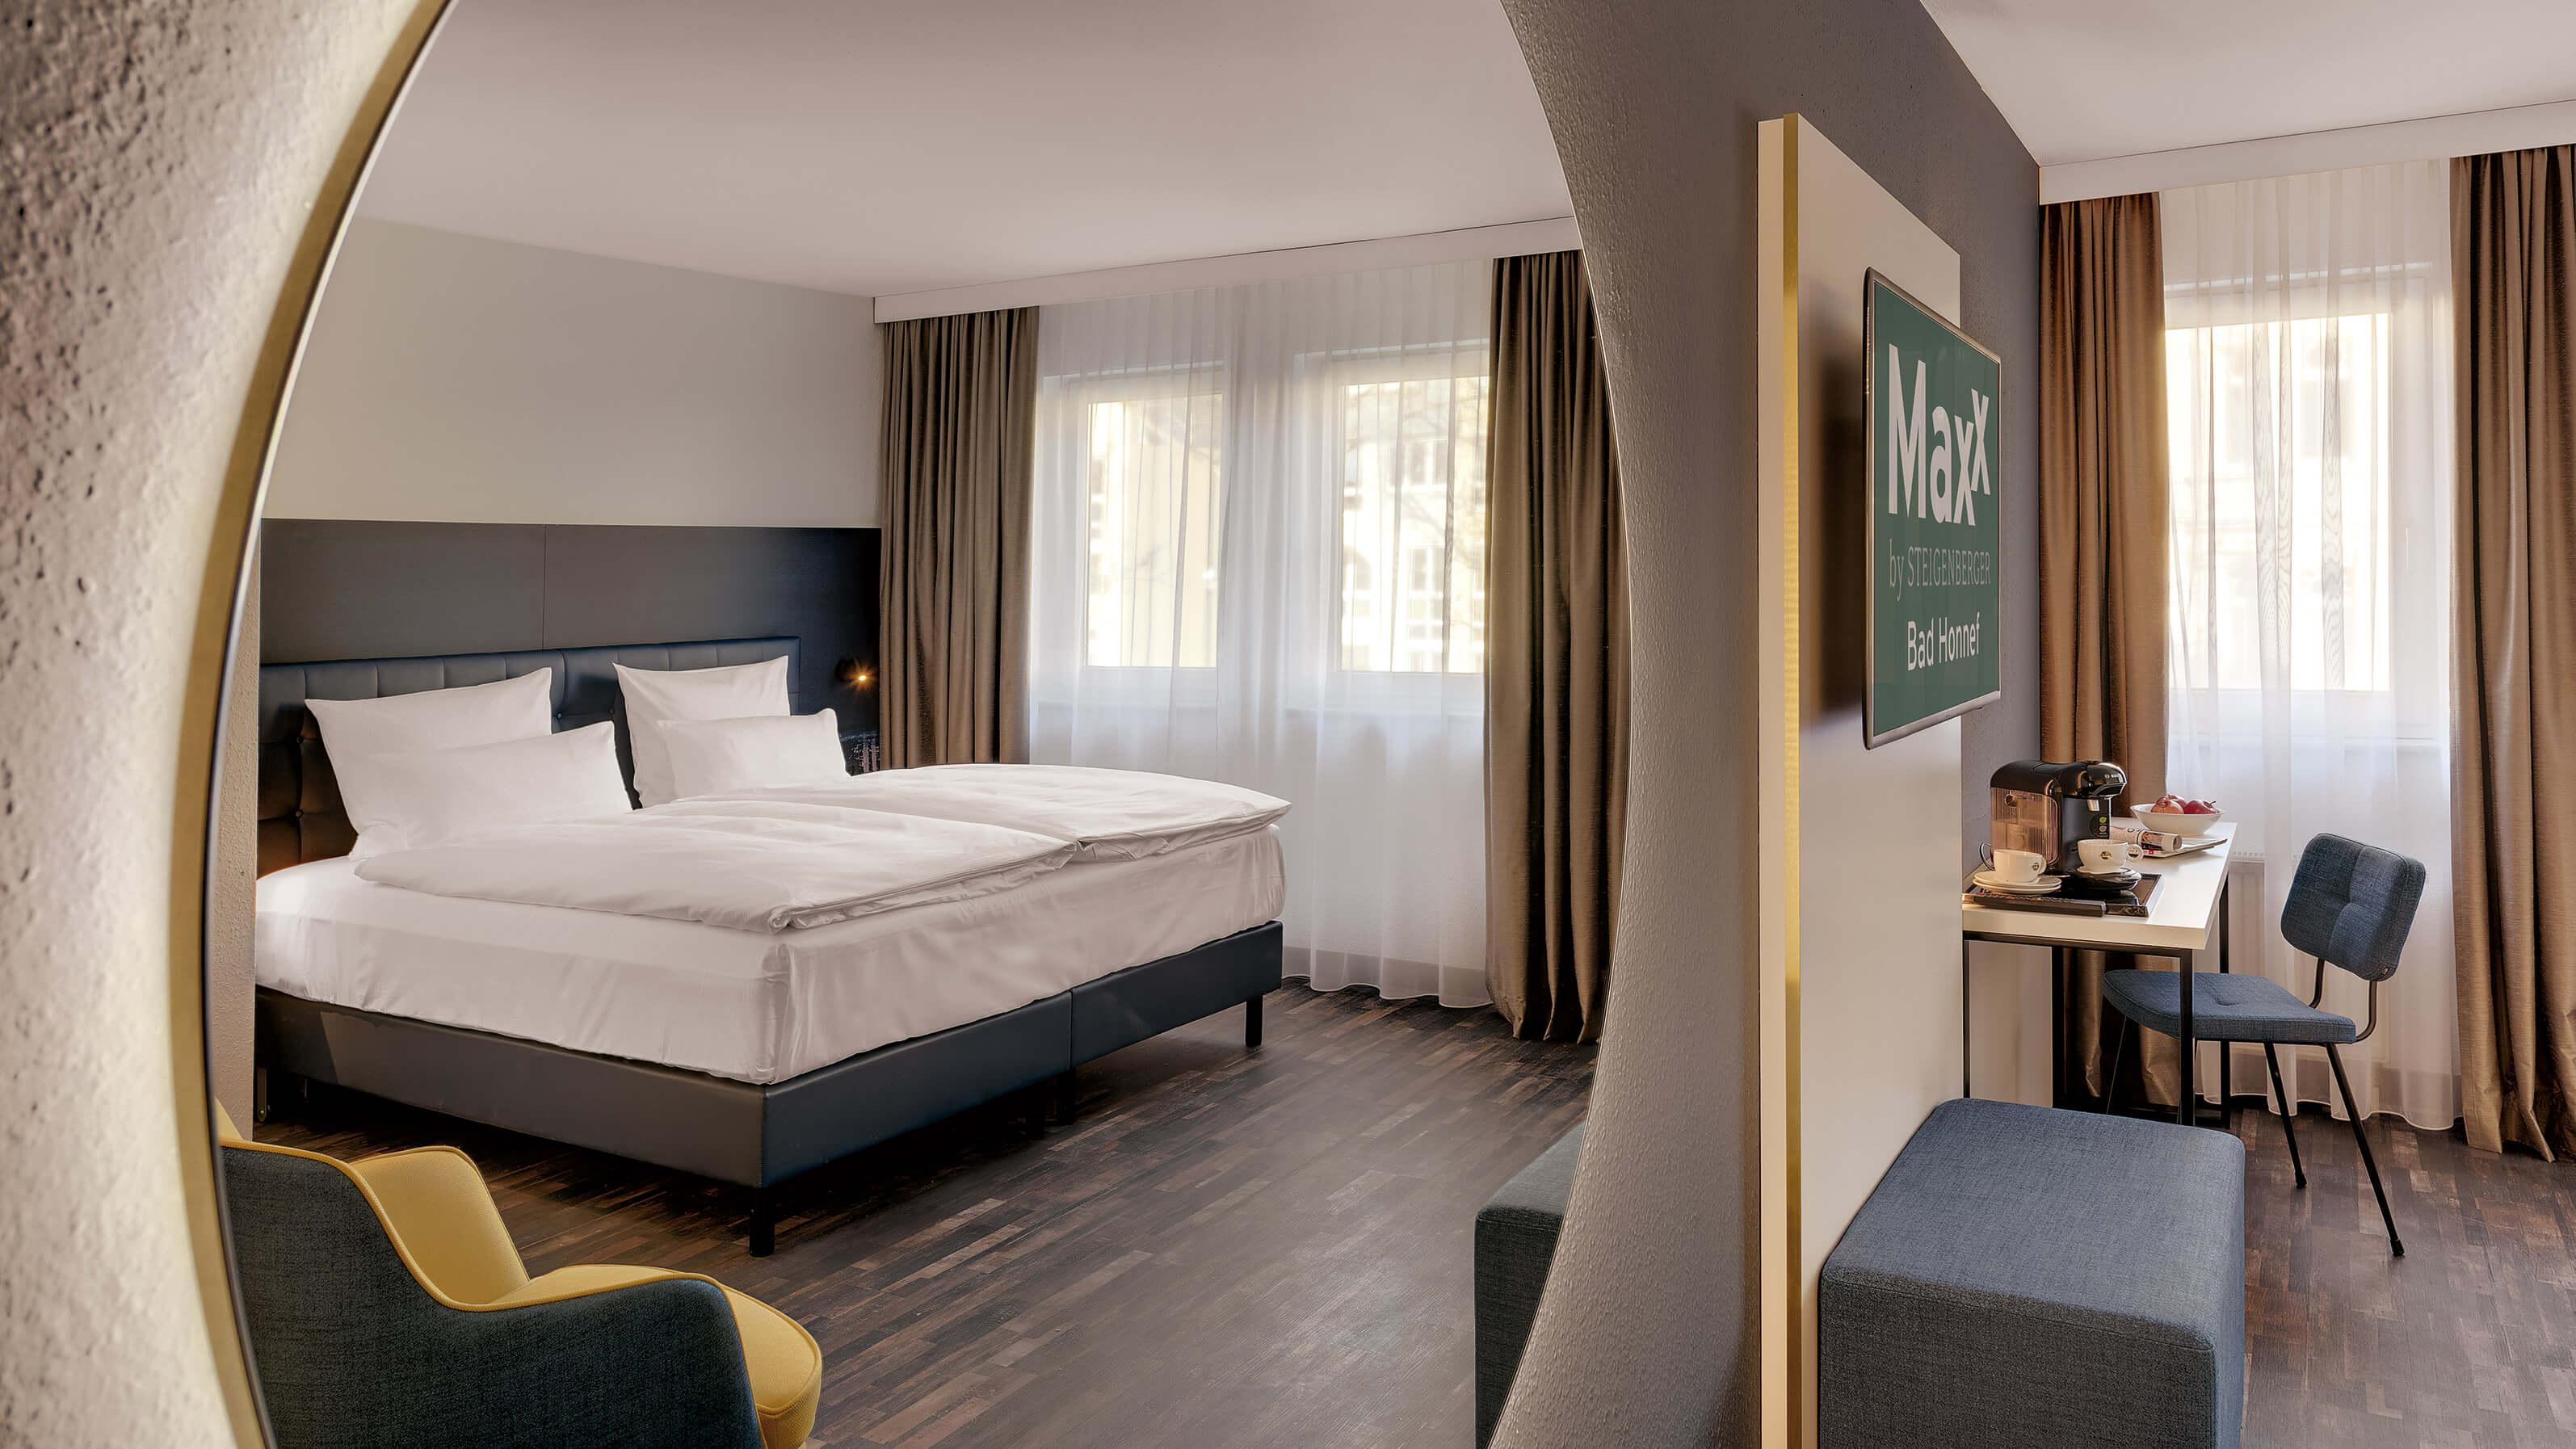 hotelausstattung-hoteleinrichtungen-bachhuber-bad-hohonnef10